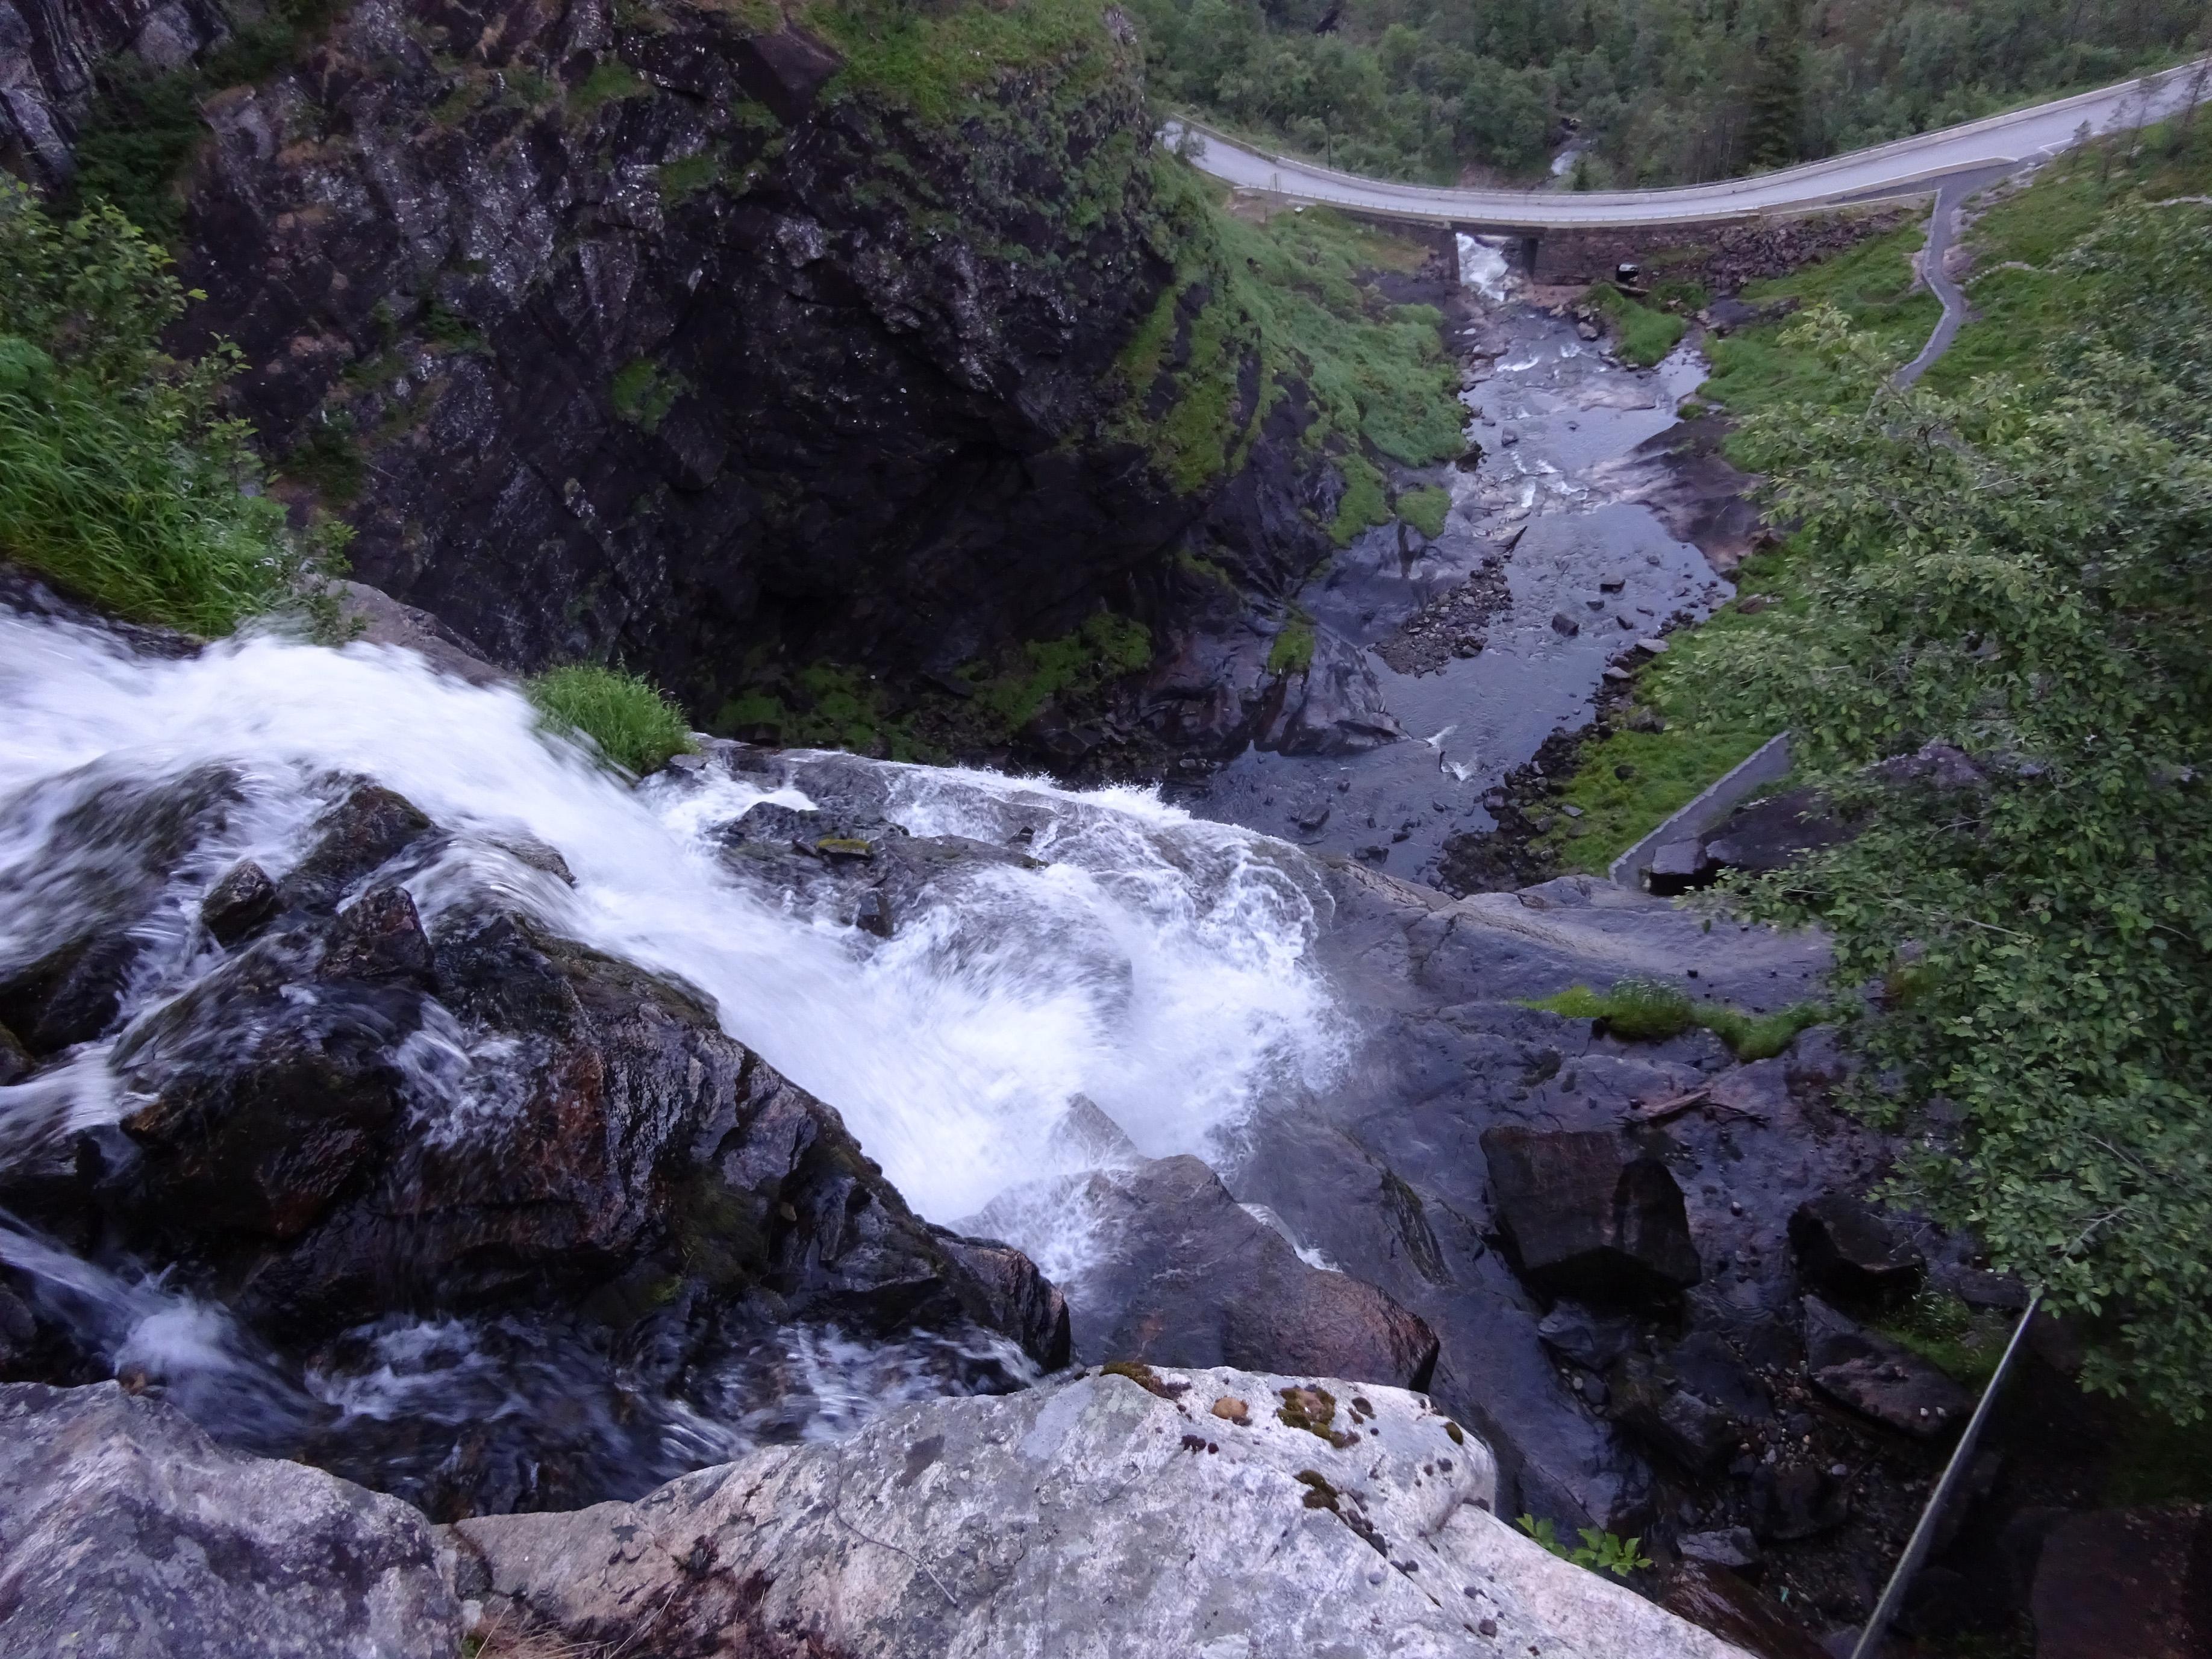 blog_d11s06_skjervfossen_003.jpg